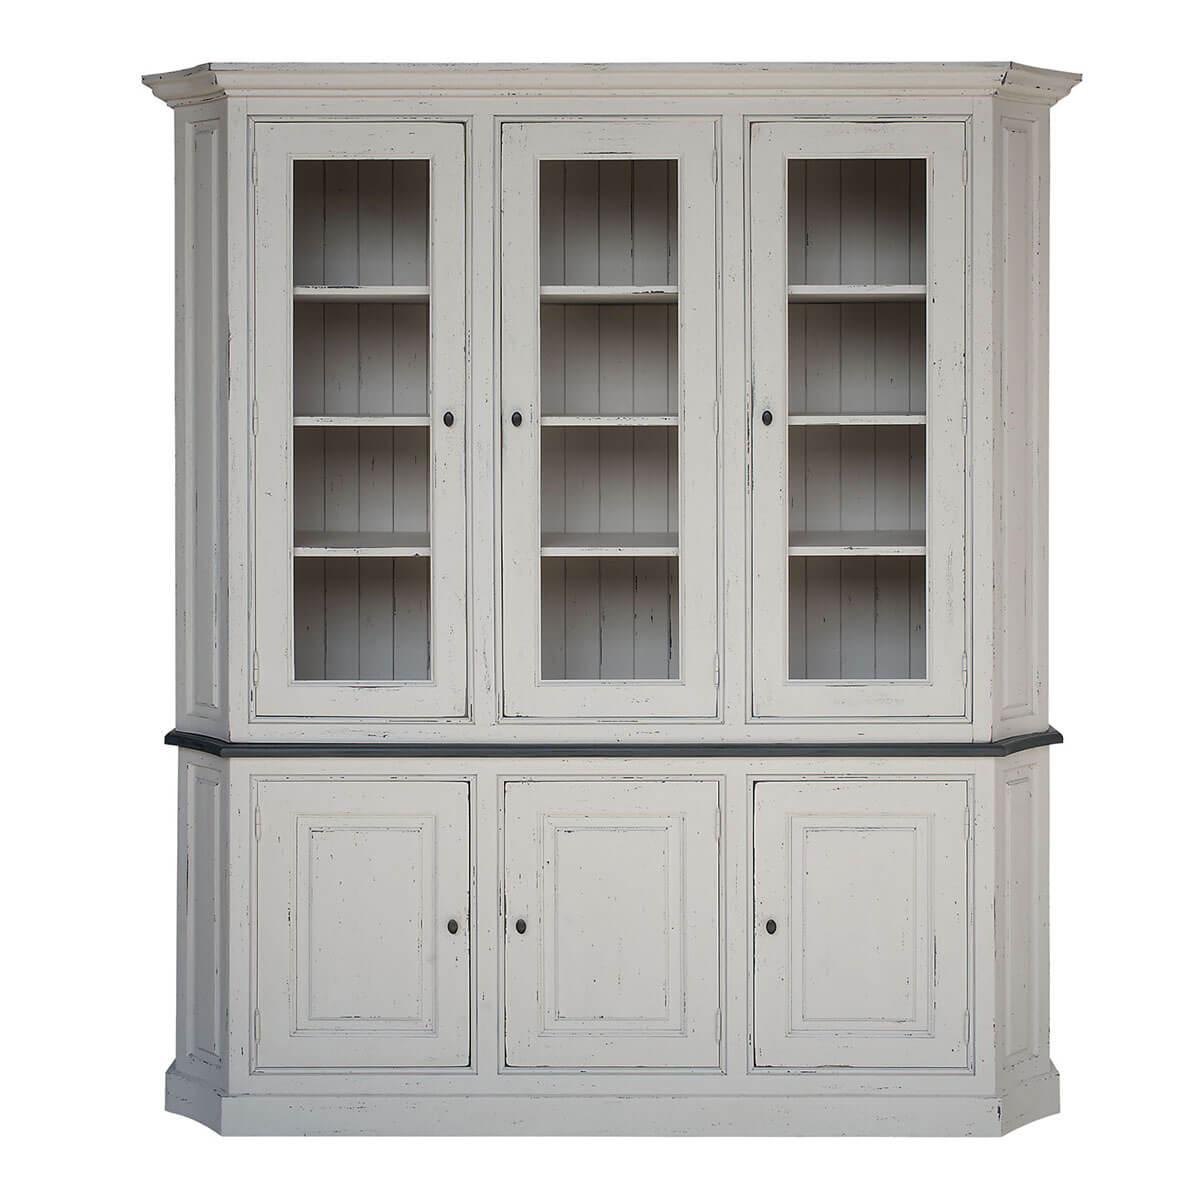 Modena-3-Door-Cabinet-CozyHome-Dubai